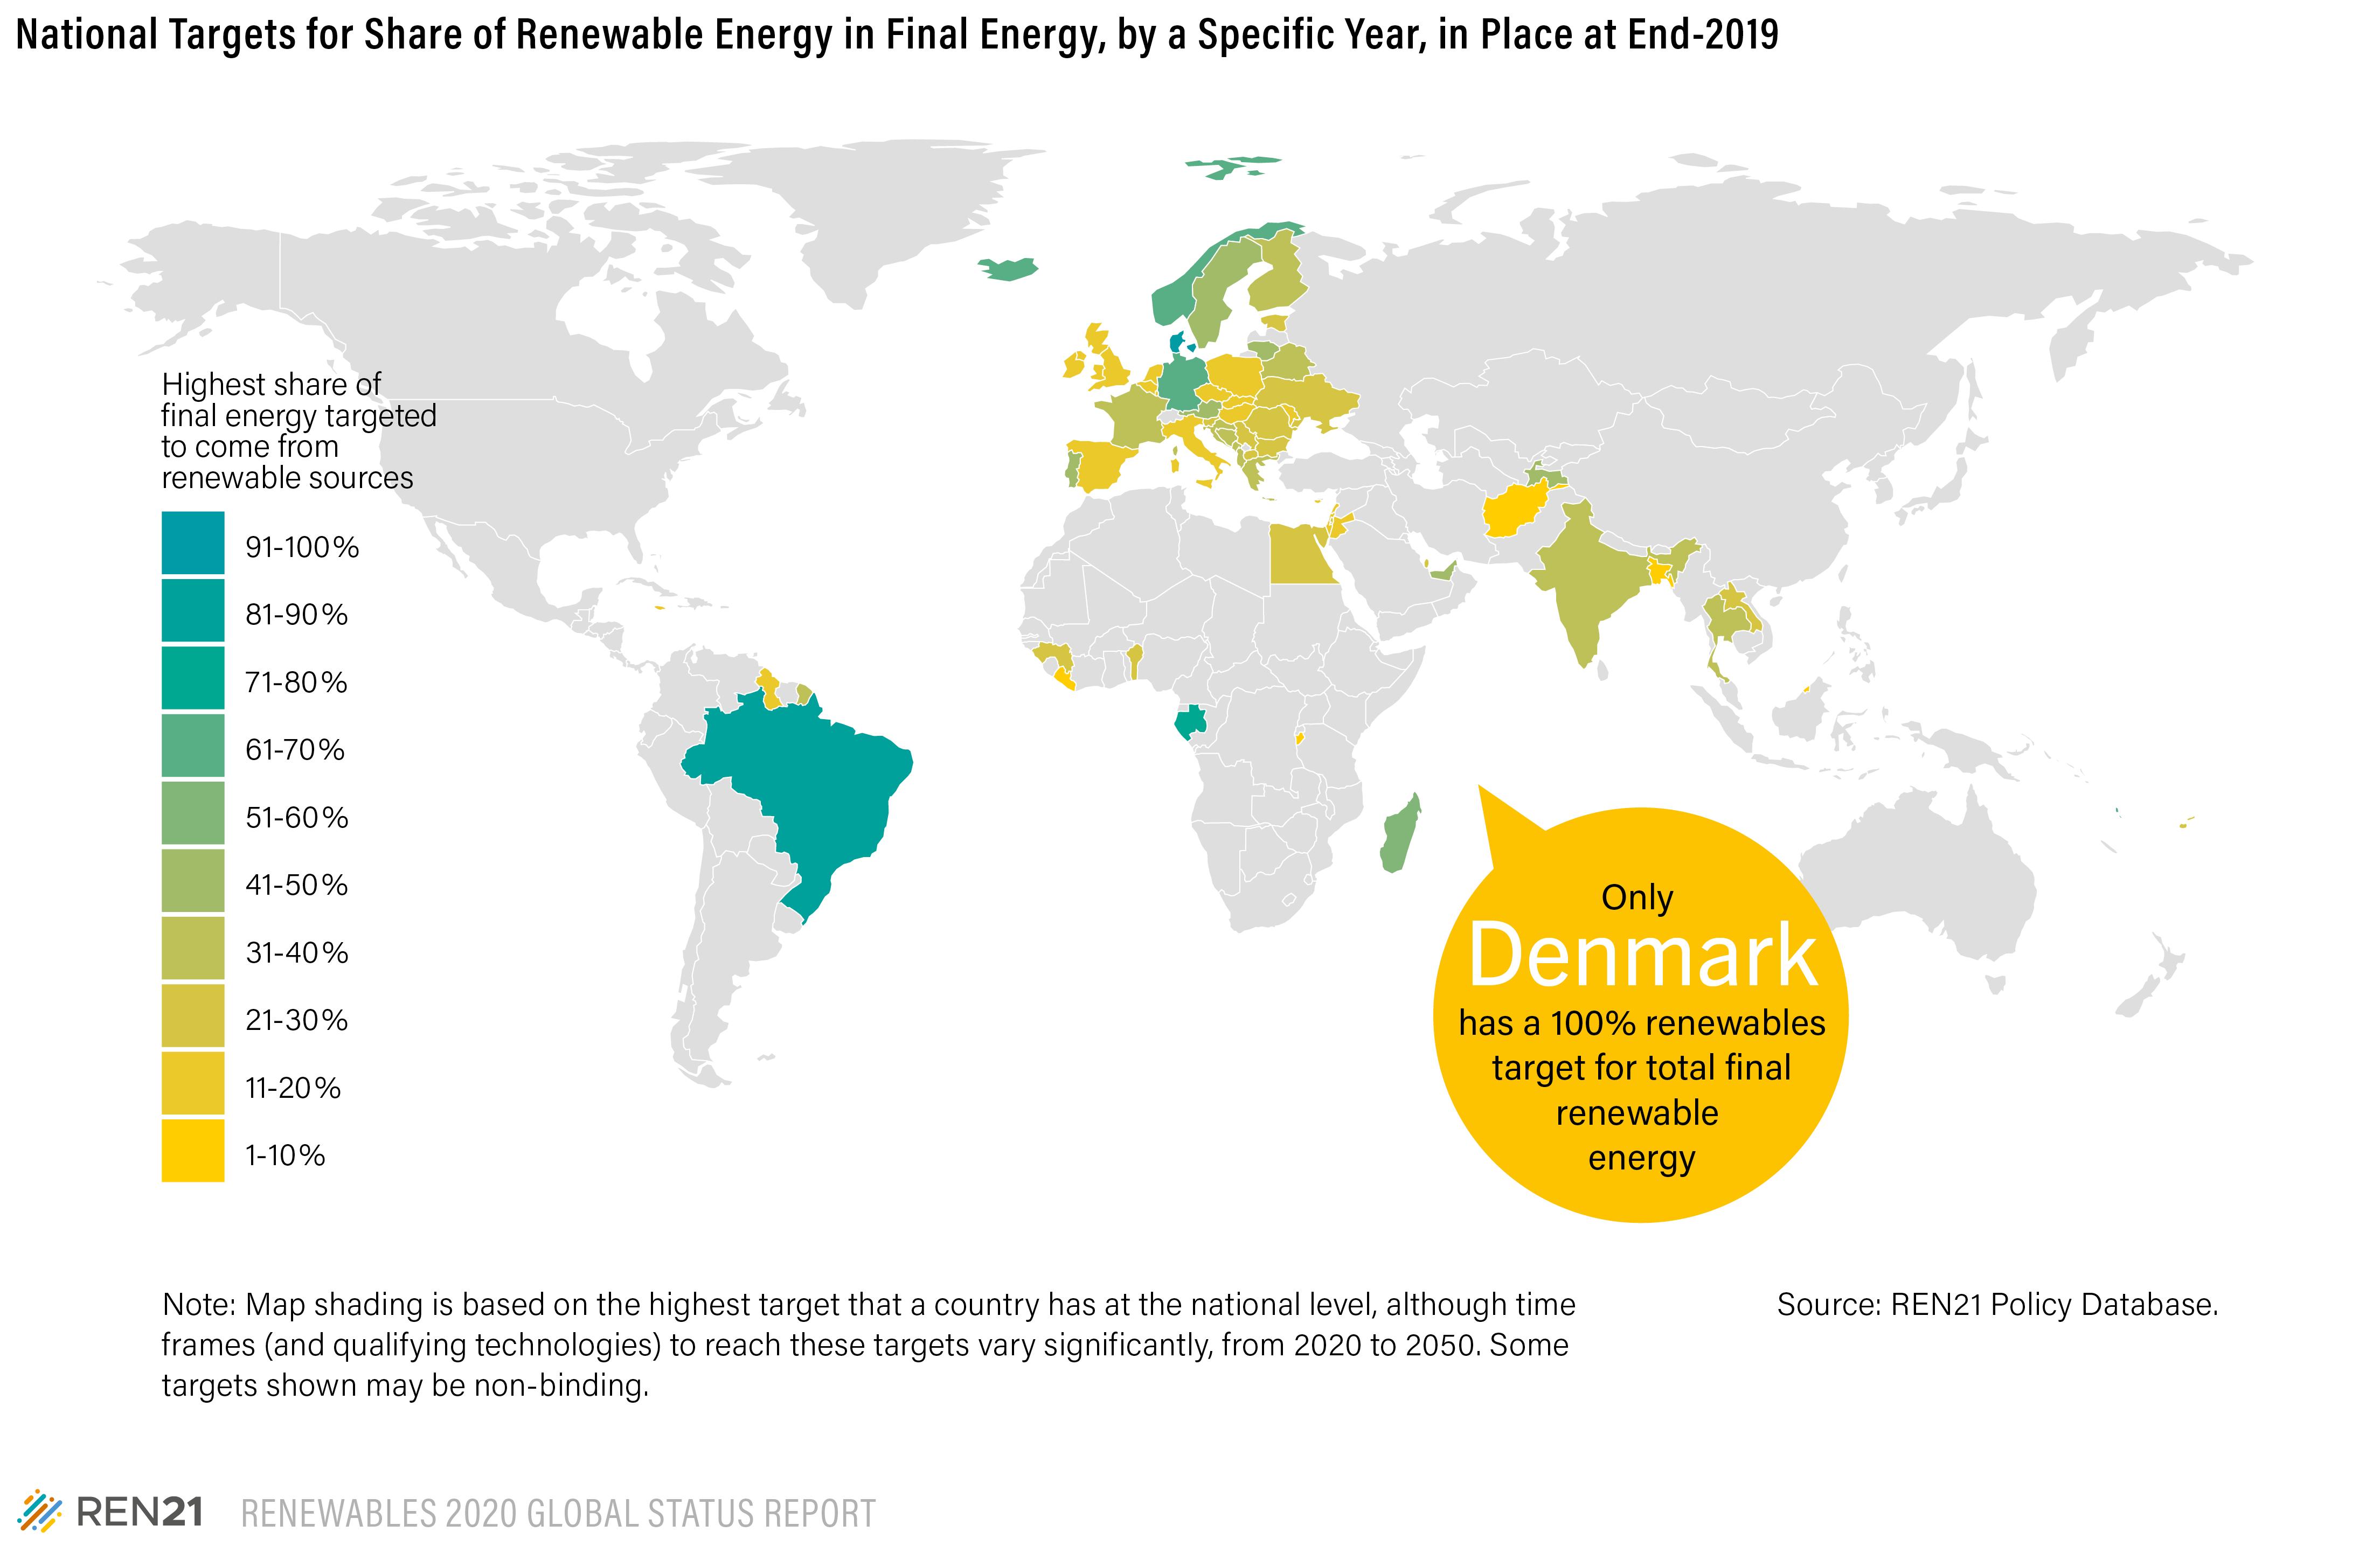 Национальные цели по доле ВИЭ среди источников энергии